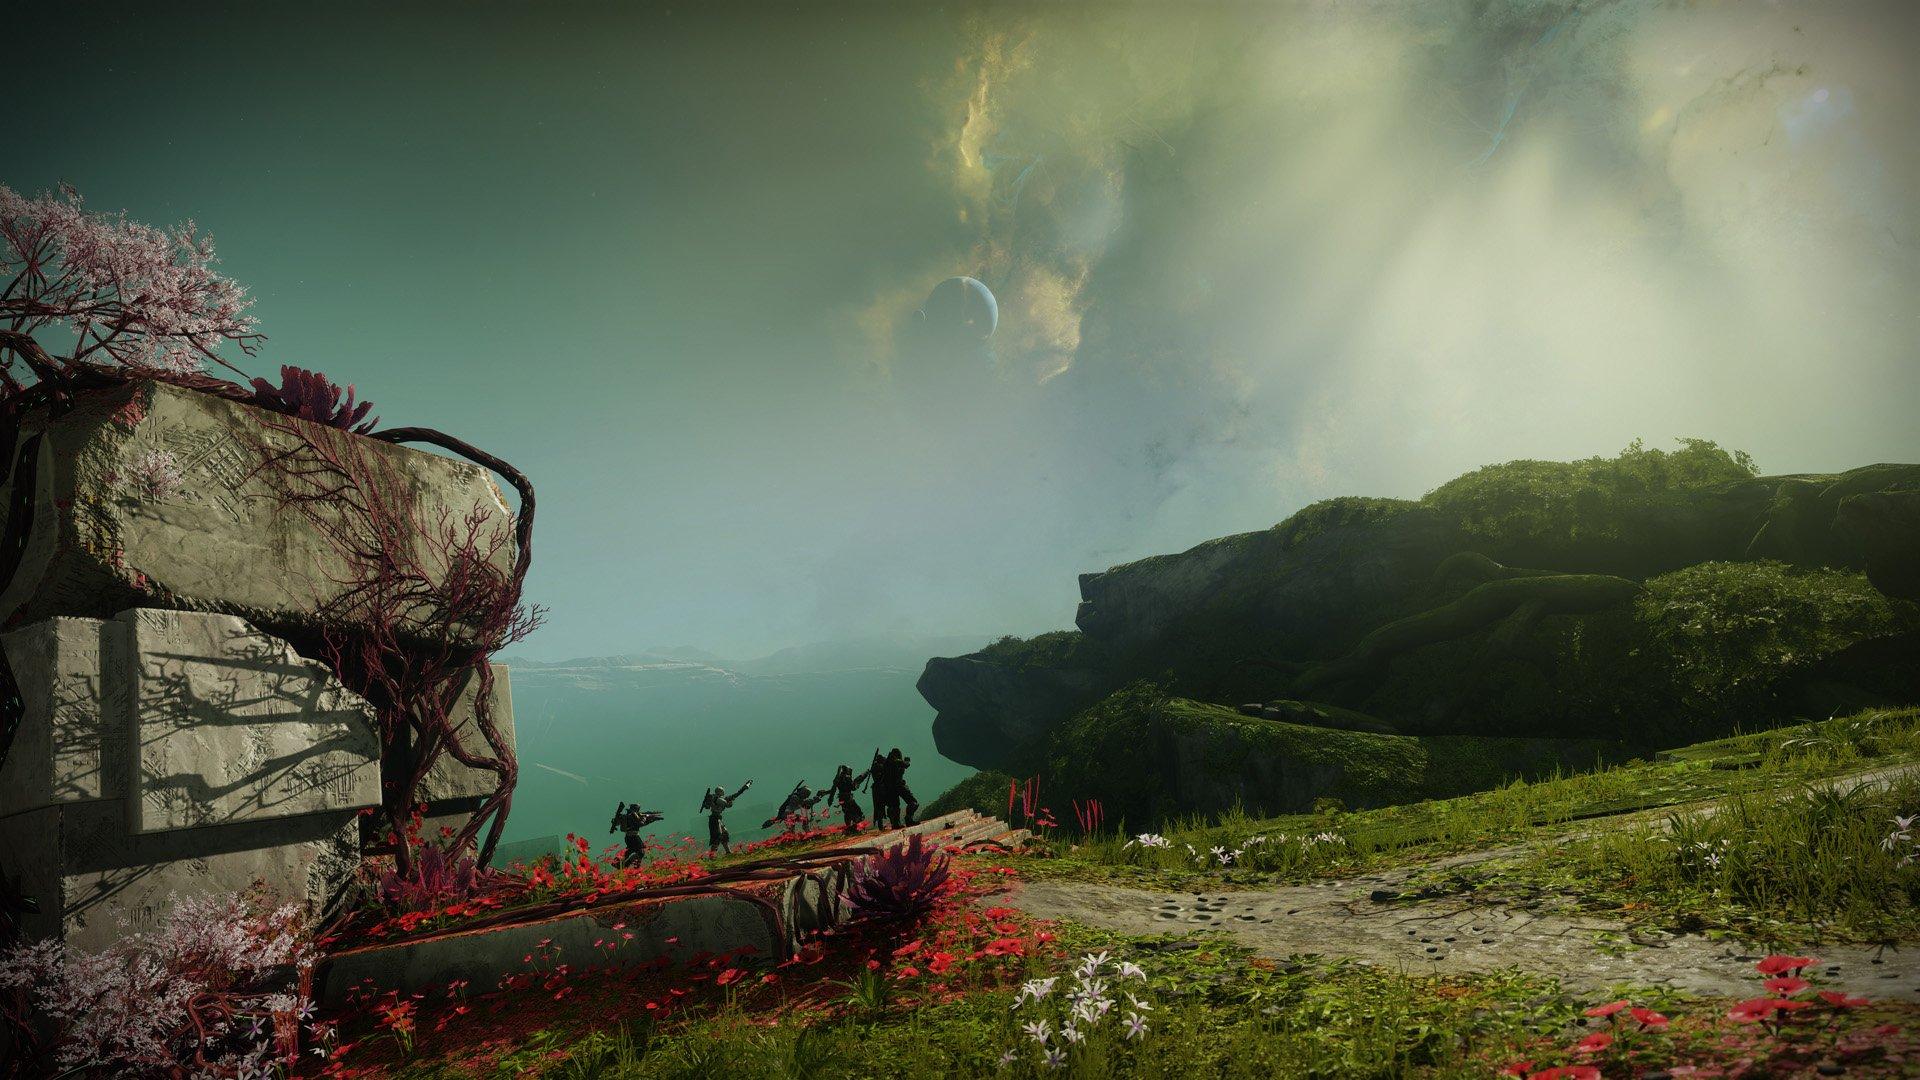 garden-of-salvation-raid-guide-destiny-2_feature.jpg